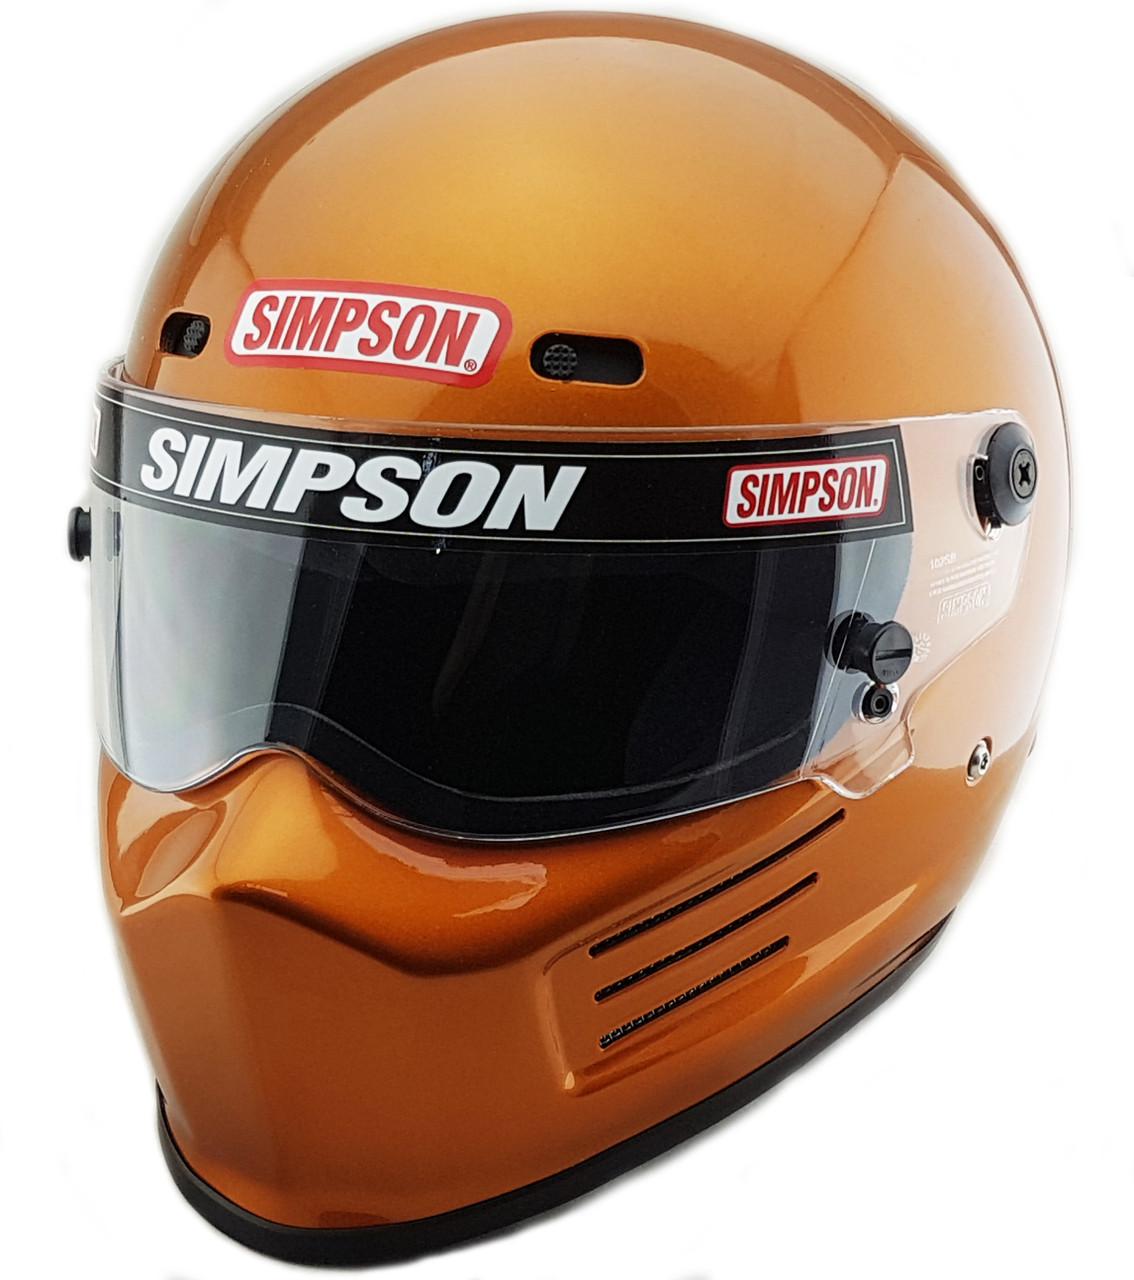 d93578f8 SIMPSON SUPER BANDIT HELMET SNELL SA2015 COPPER - Firestorm Racing UK